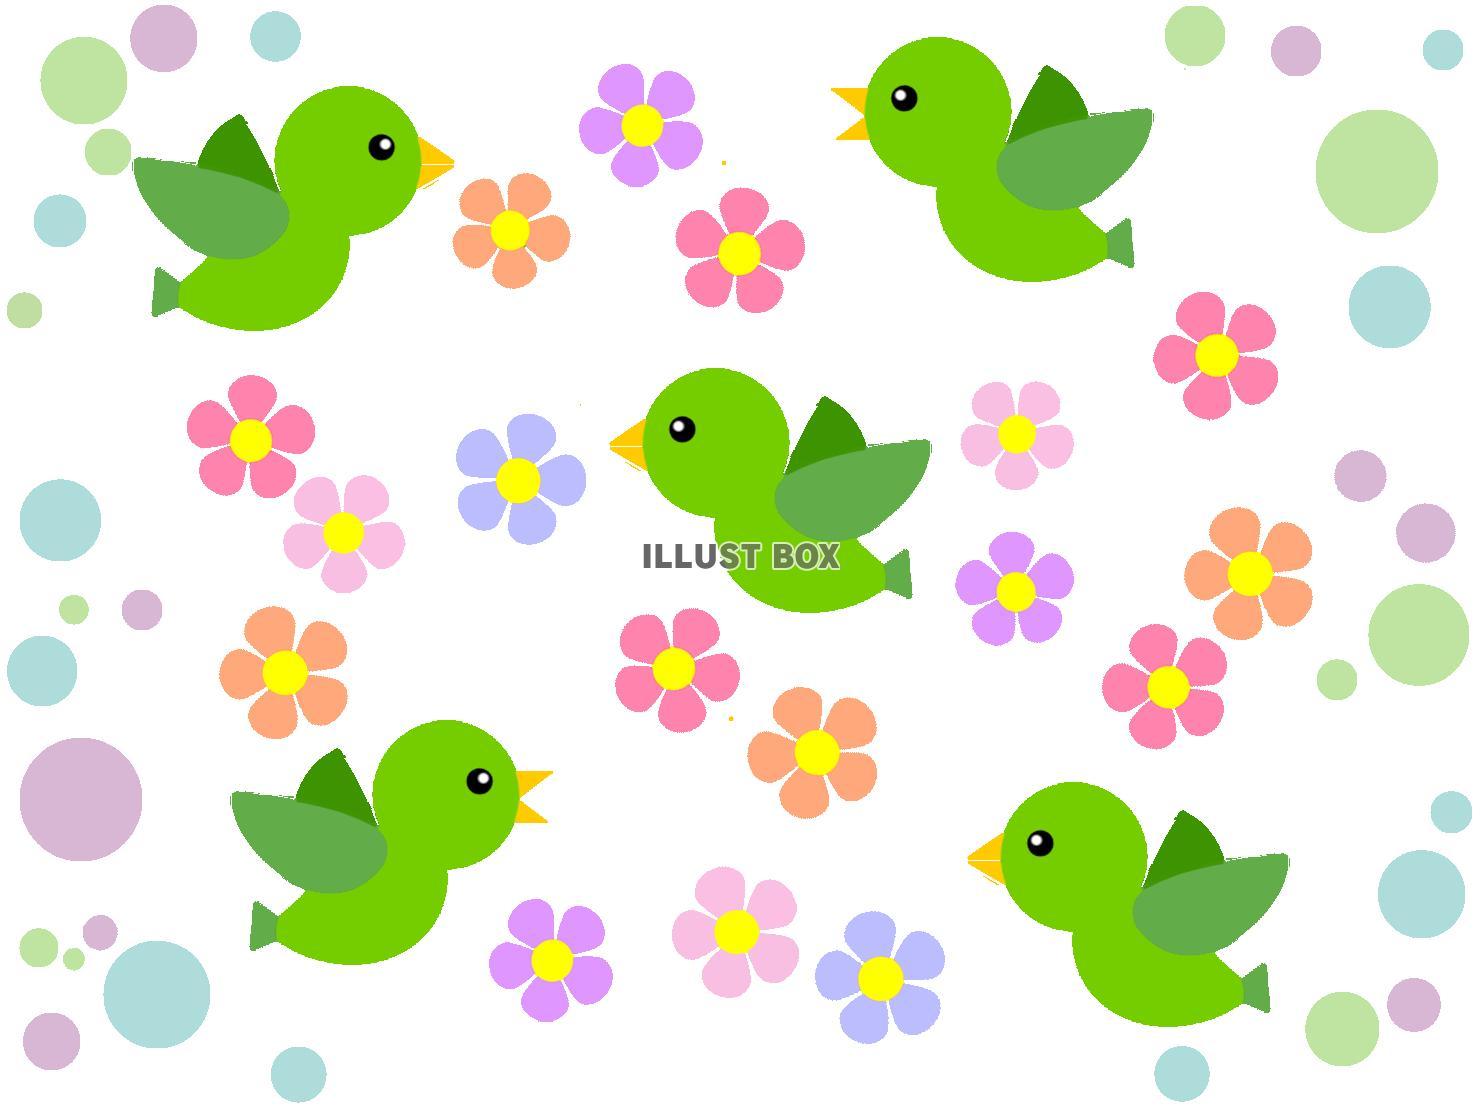 無料イラスト 小鳥と花模様の背景イラスト可愛い壁紙素材 透過png